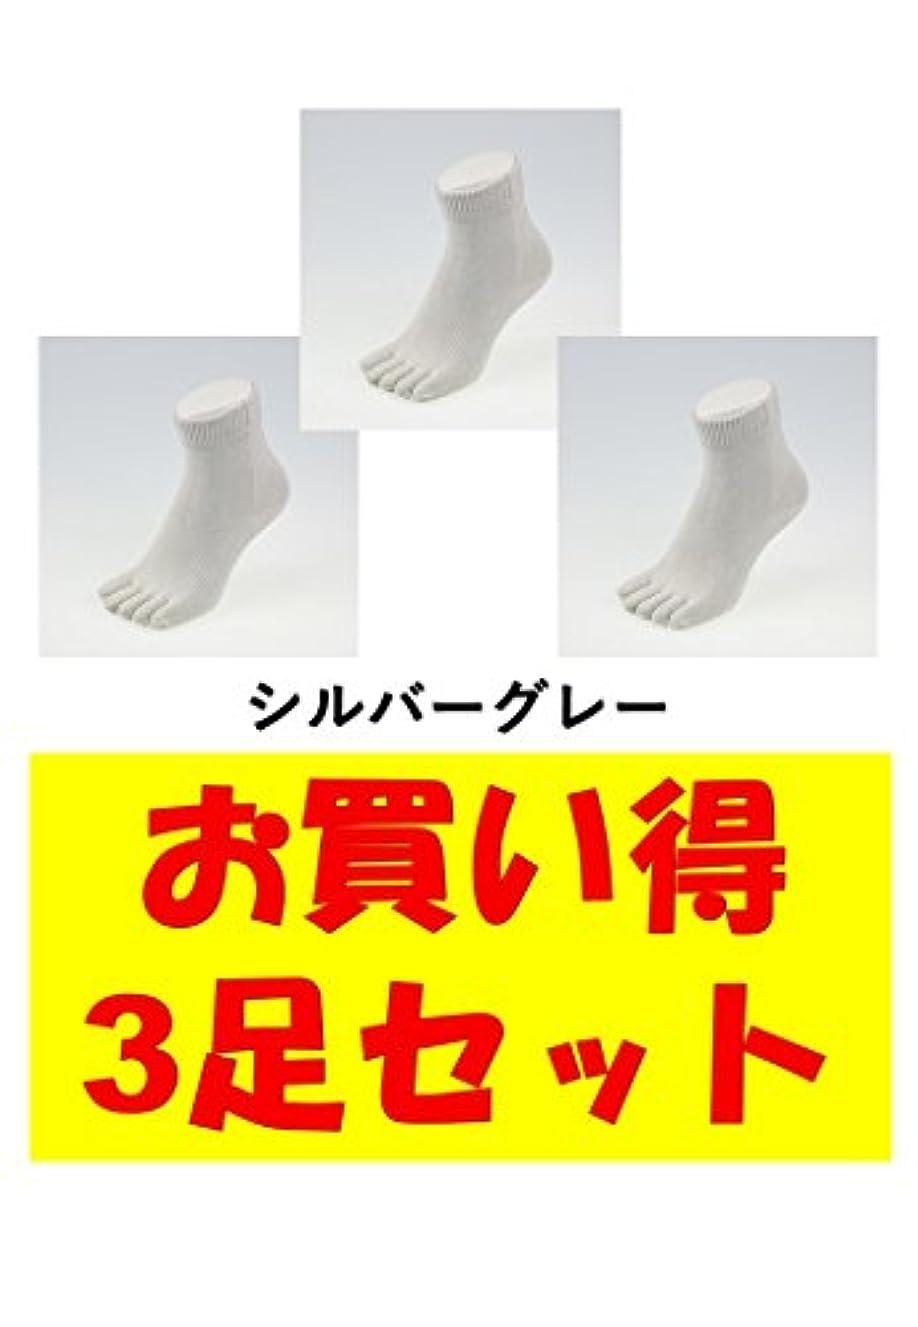 インゲンワゴン狂人お買い得3足セット 5本指 ゆびのばソックス Neo EVE(イヴ) シルバーグレー iサイズ(23.5cm - 25.5cm) YSNEVE-SGL